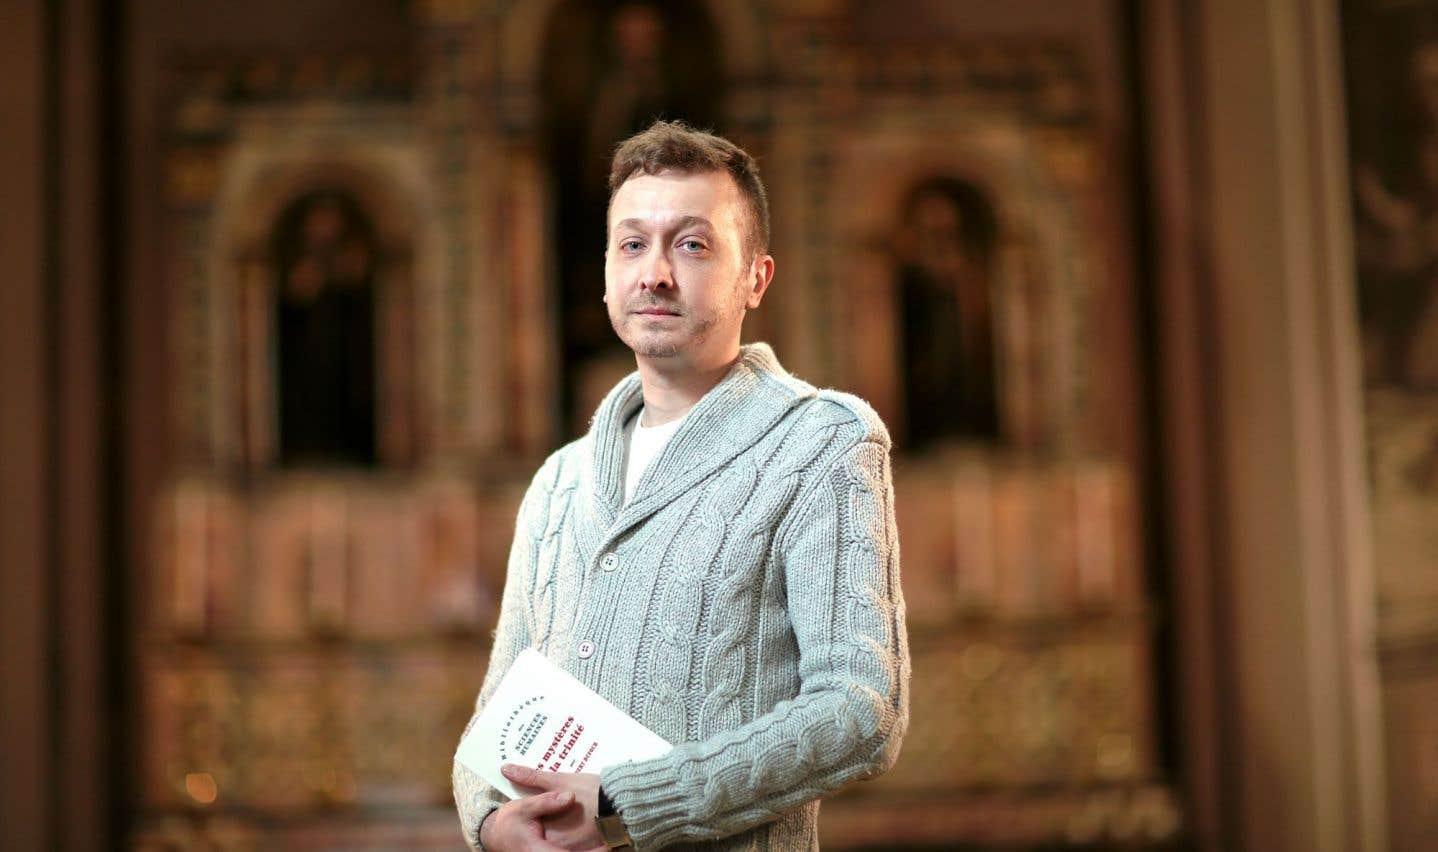 Marco Veilleux est diplômé en théologie de l'Université Laval. Il s'est intéressé au philosophe français contemporain Dany-Robert Dufour et à son livre Les mystères de latrinité.